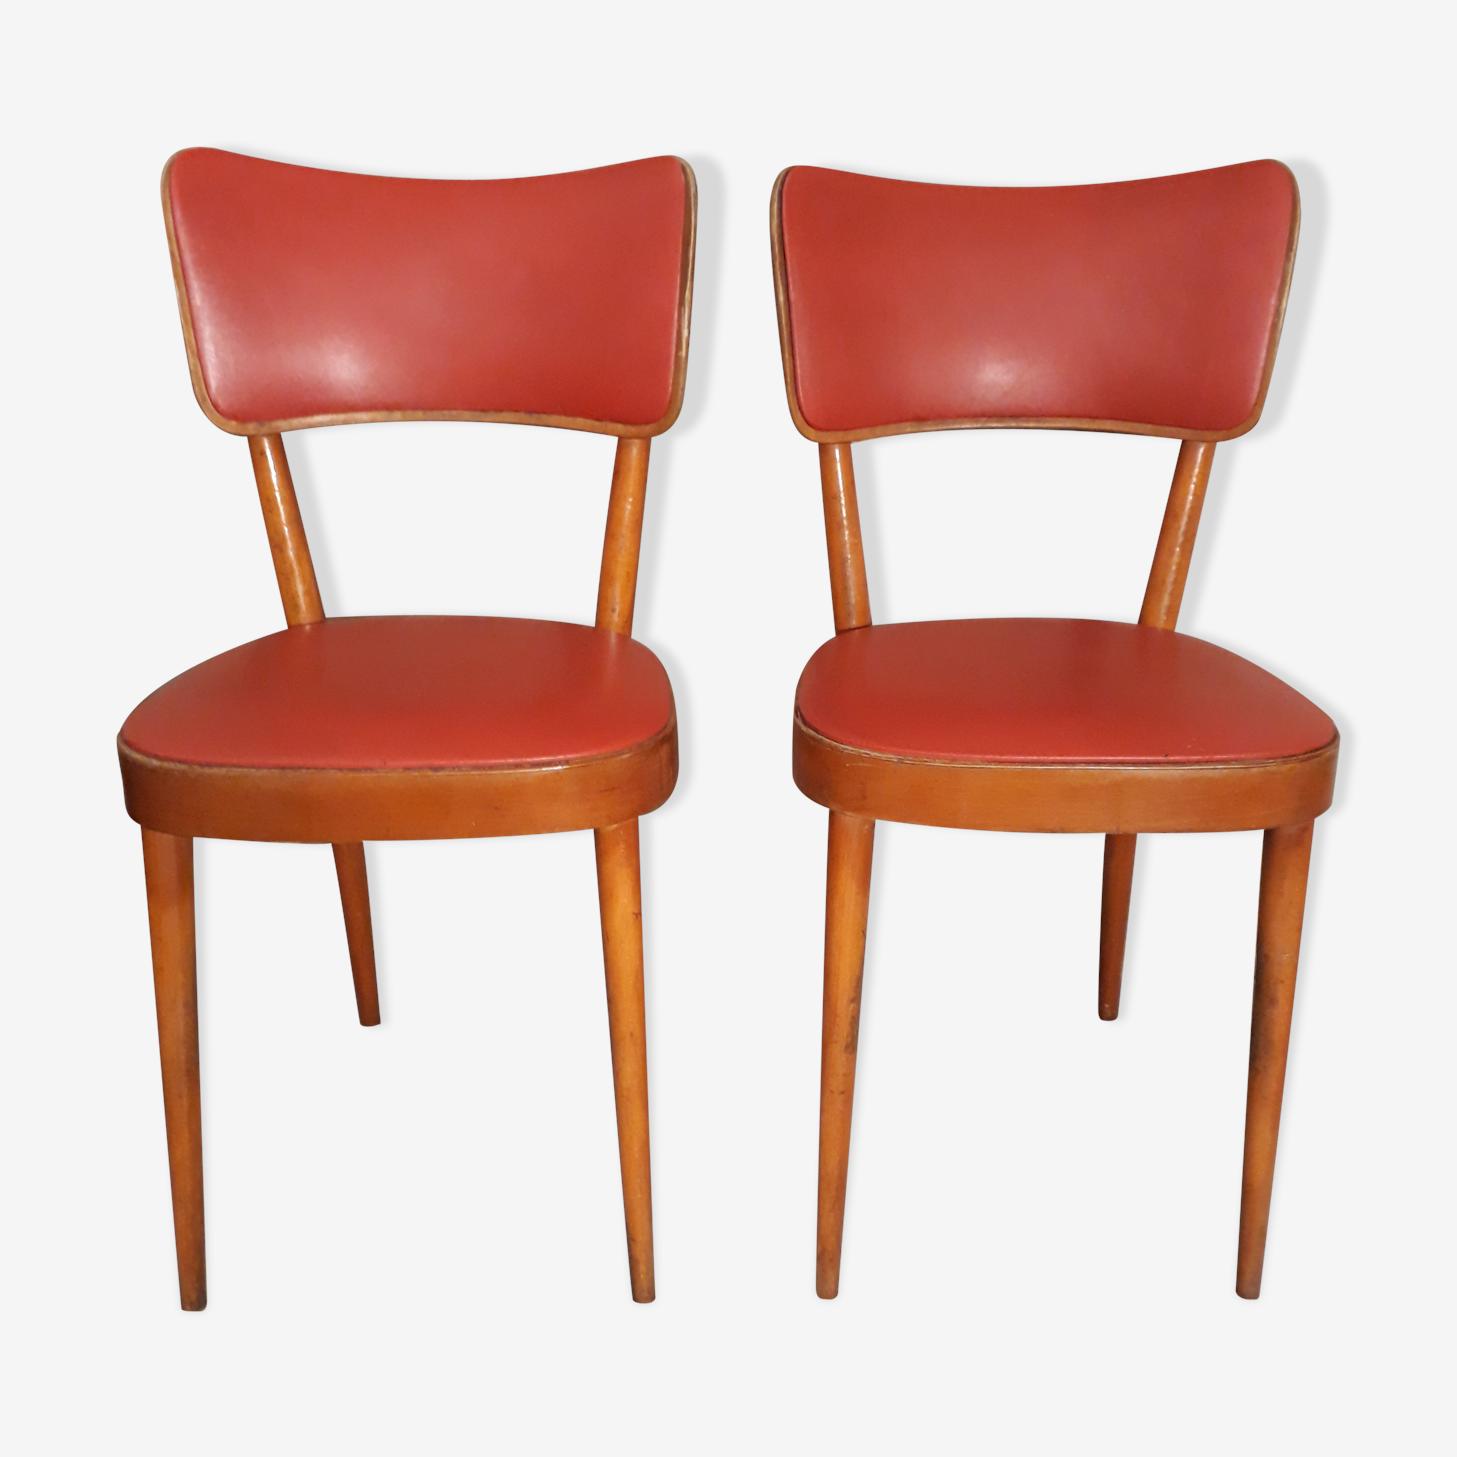 Paire de chaises bistrot Baumann 1950 skai rouge